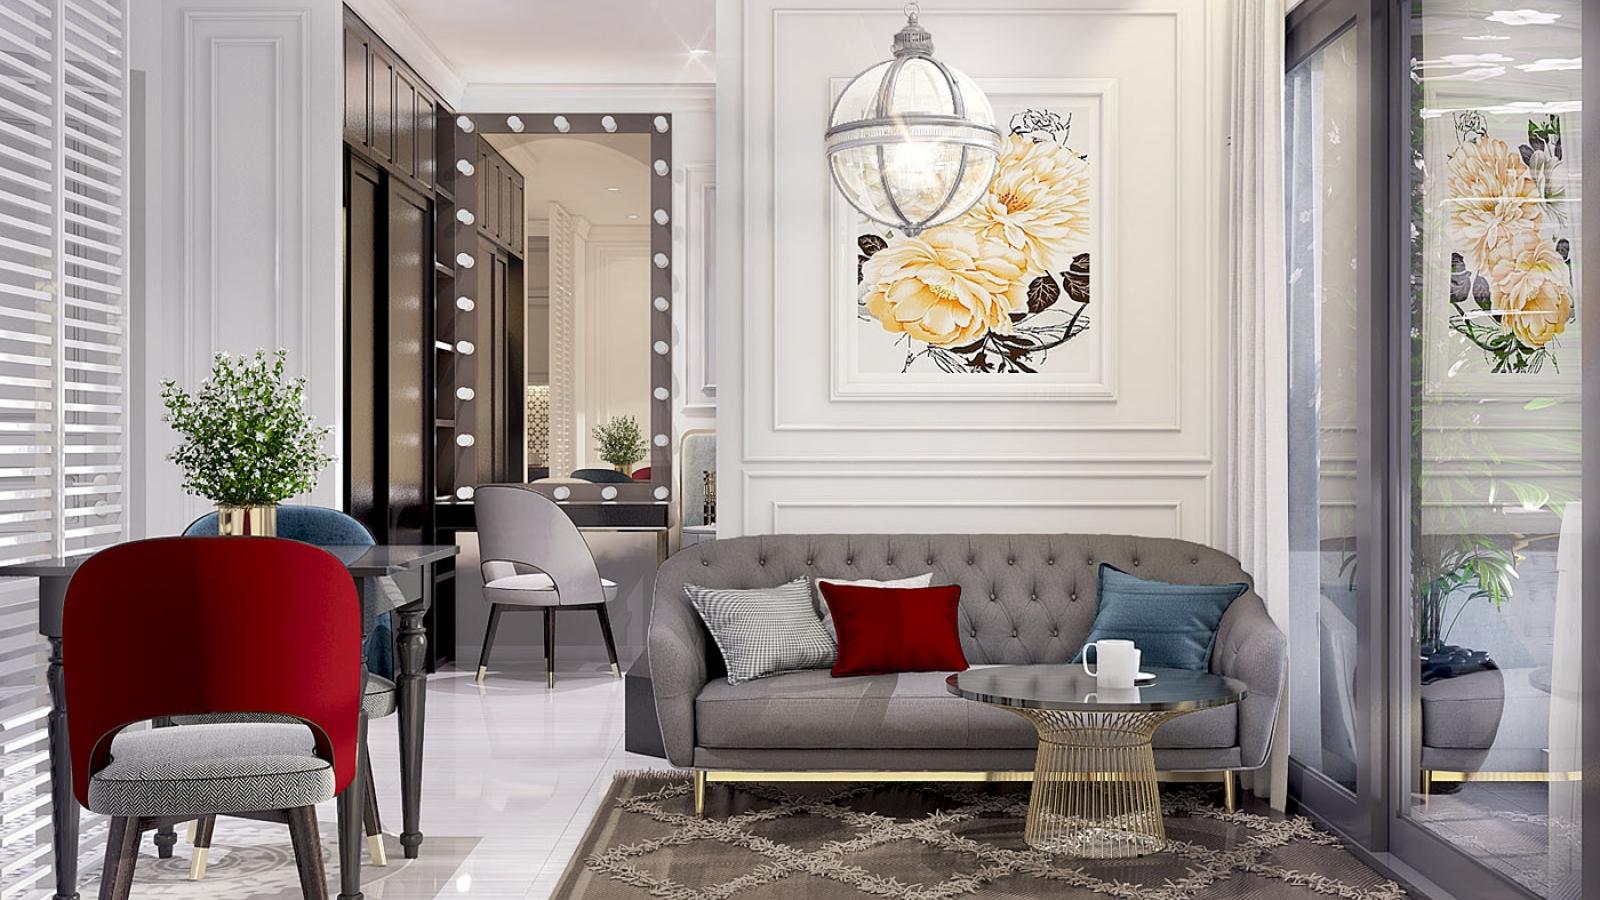 Căn hộ chung cư tân cổ điển khiến nhiều người thích thú